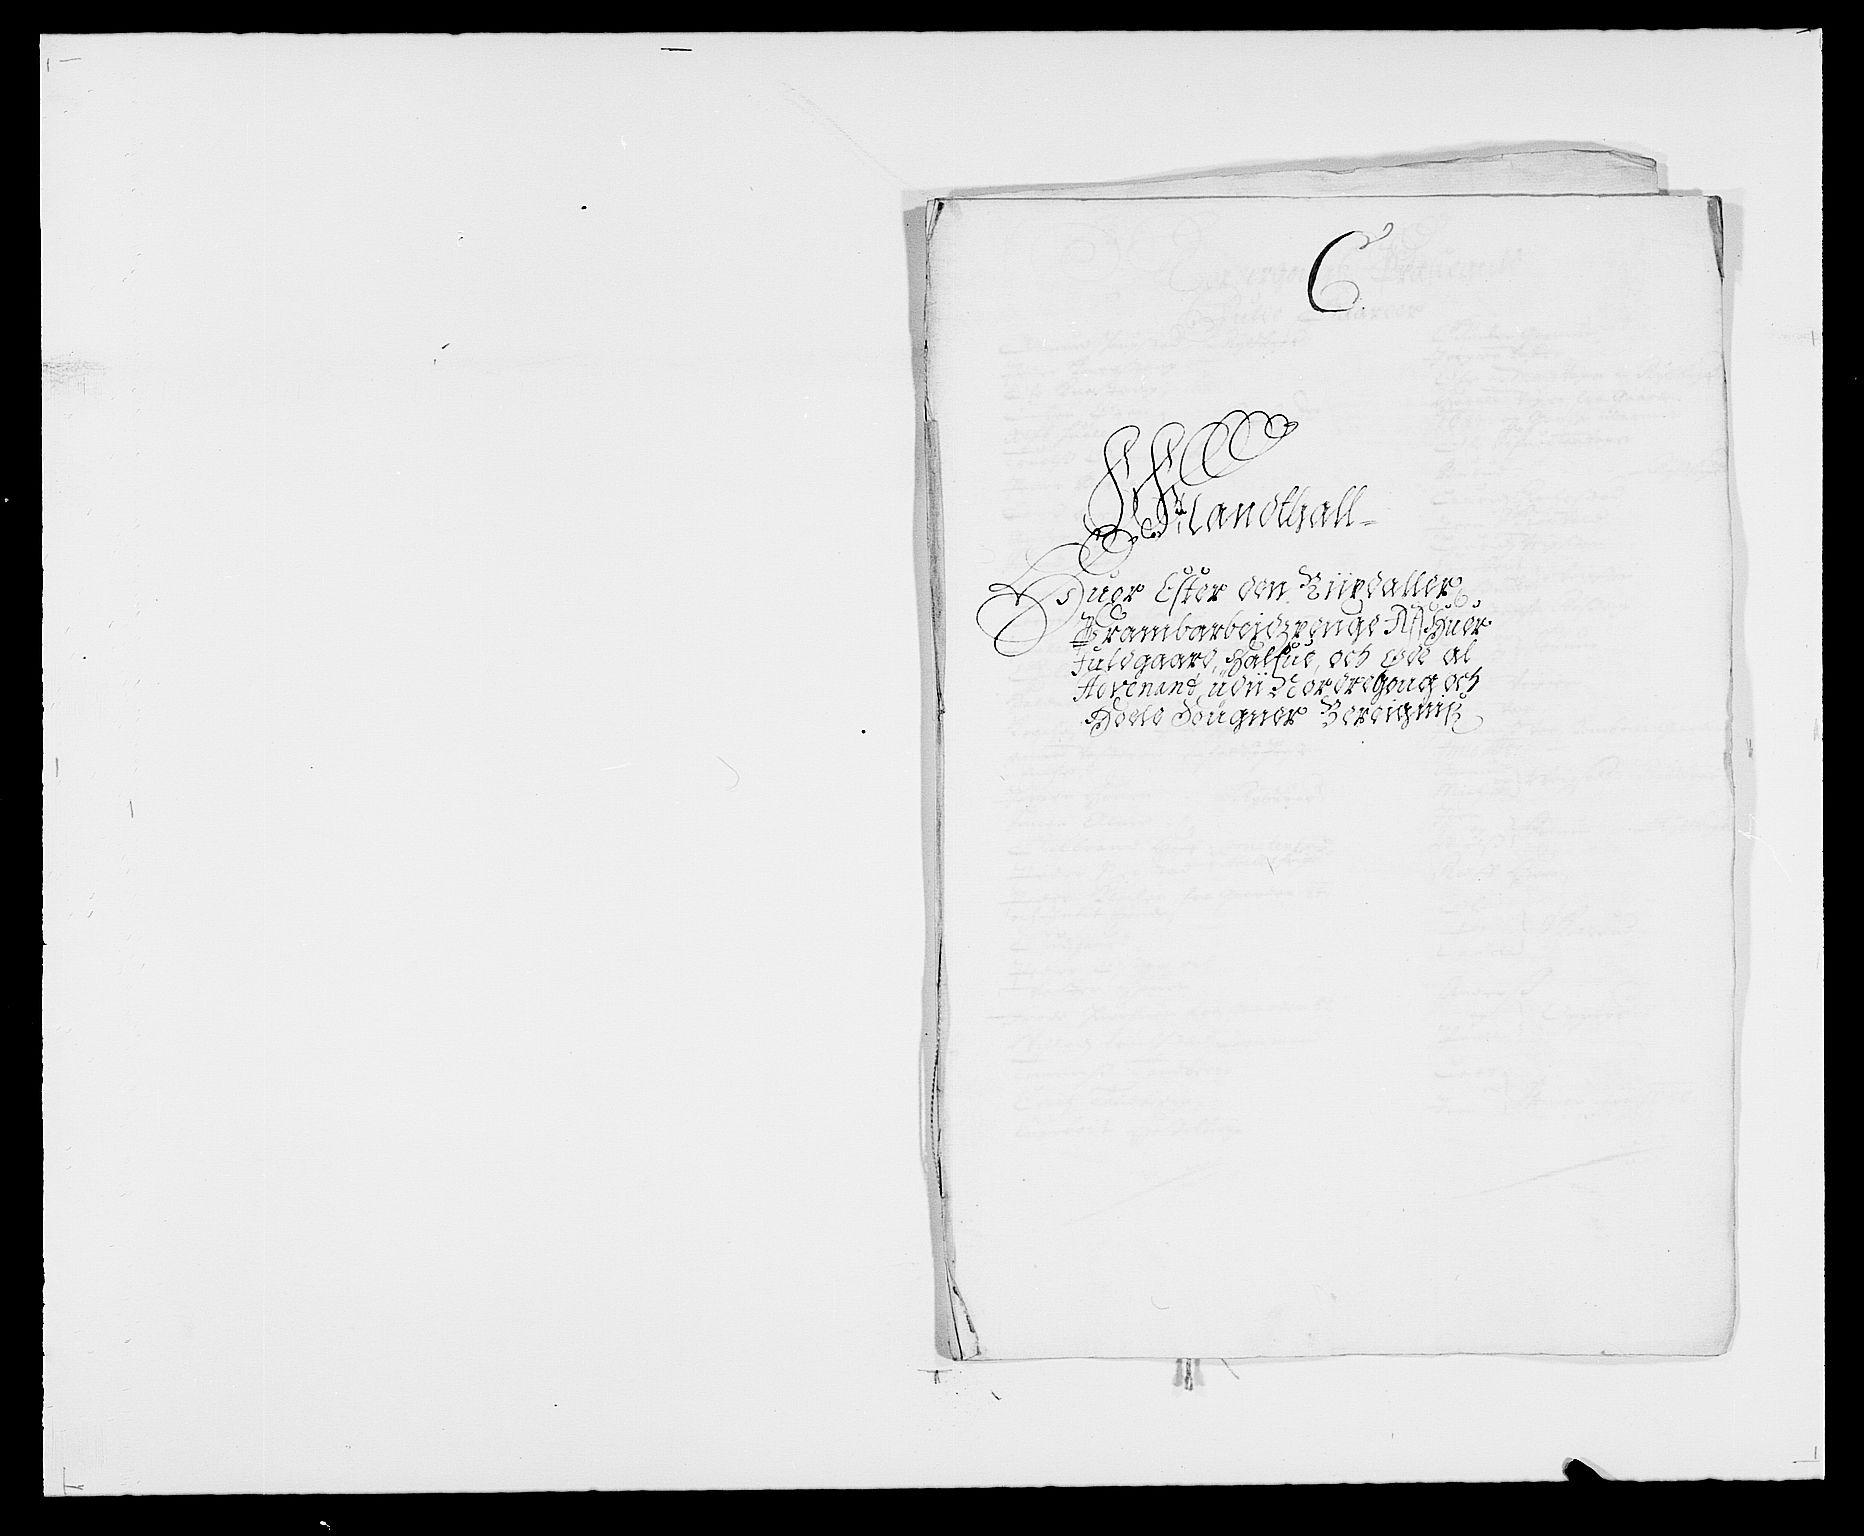 RA, Rentekammeret inntil 1814, Reviderte regnskaper, Fogderegnskap, R21/L1446: Fogderegnskap Ringerike og Hallingdal, 1683-1686, s. 323